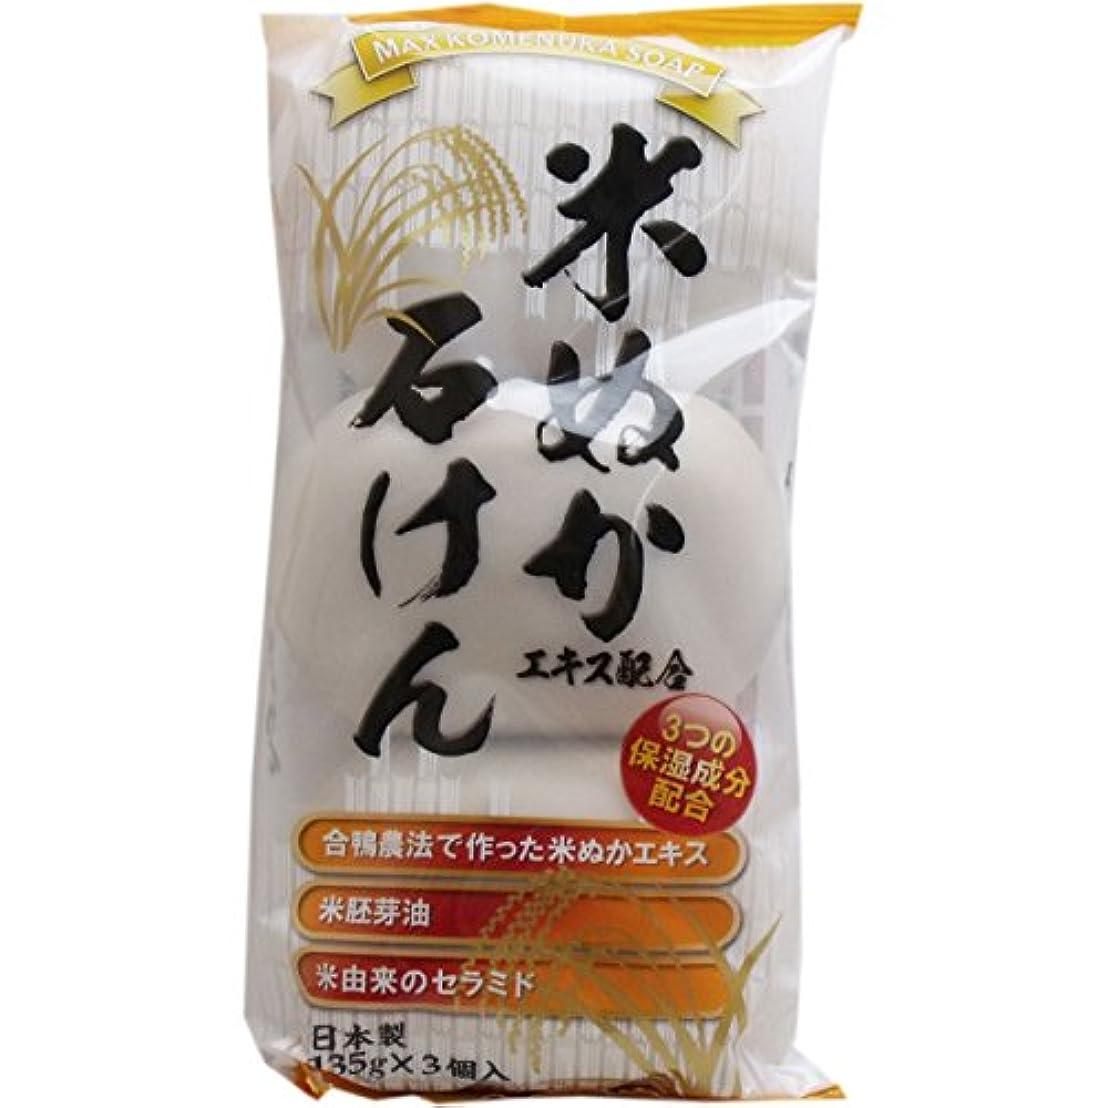 必要とするスラッシュキャンプ【まとめ買い】米ぬかエキス配合石けん 3個入 ×2セット